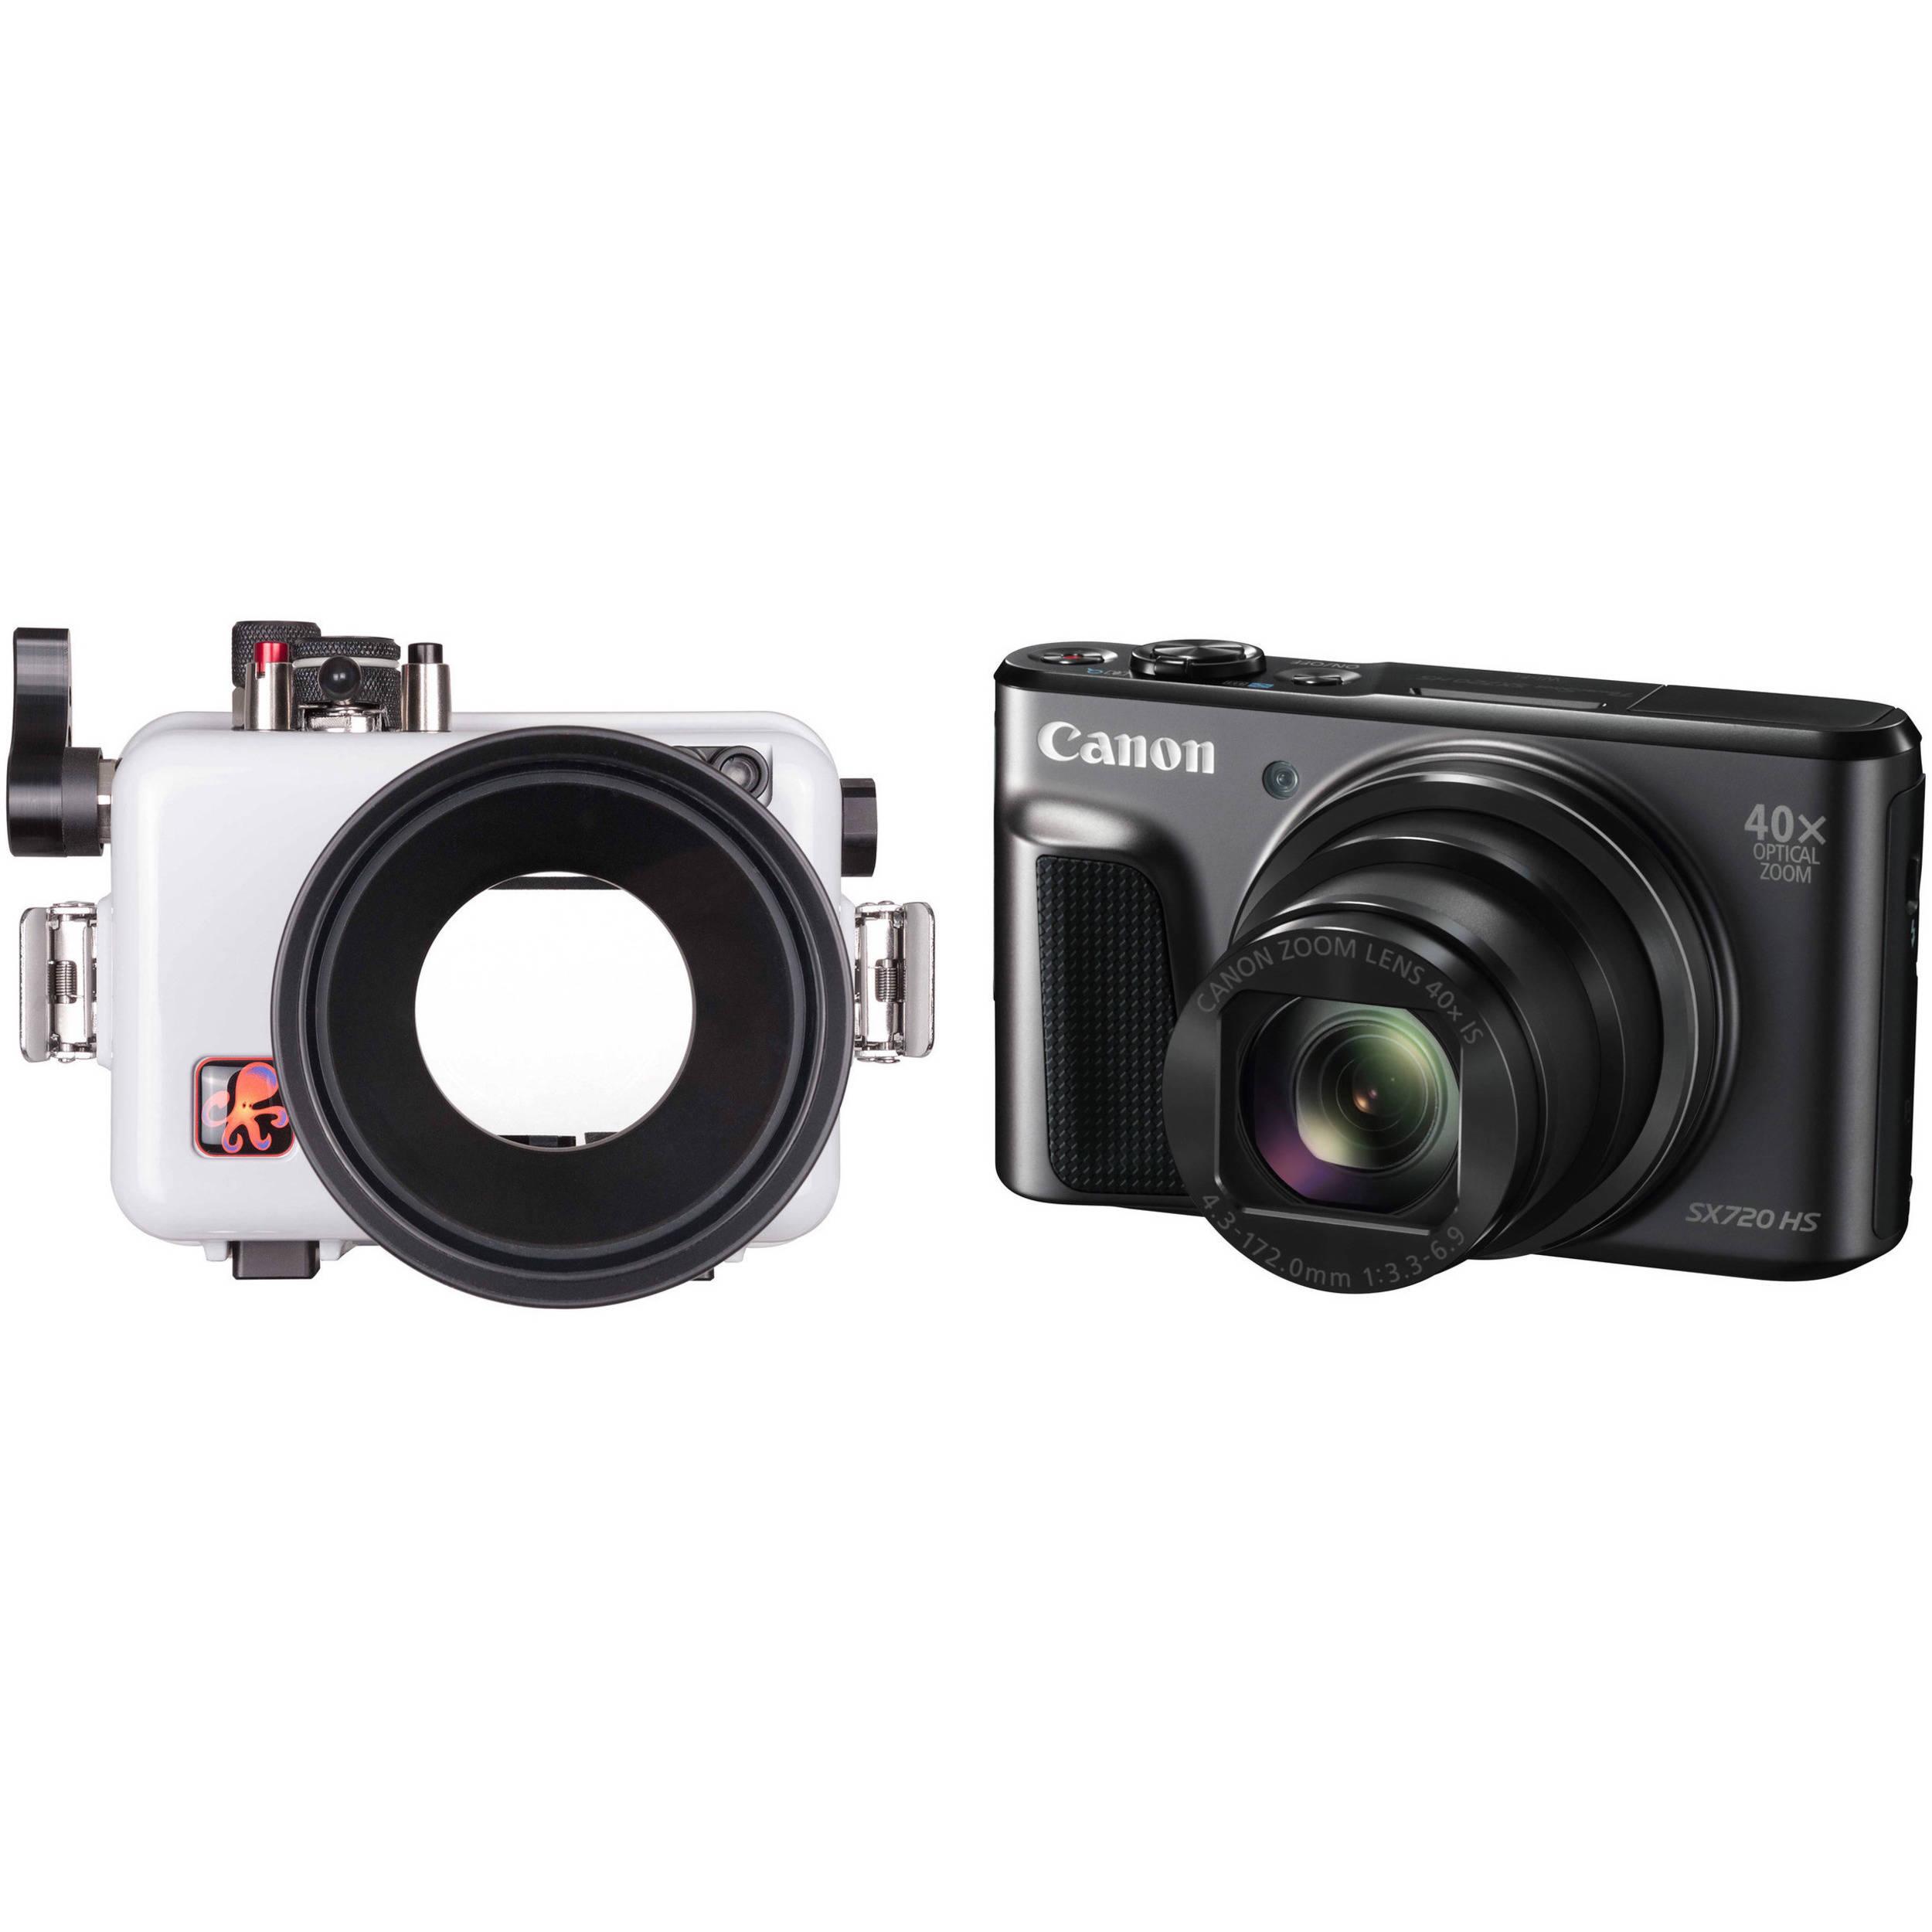 Ikelite Underwater Housing And Canon Powershot Sx720 Digital Bh Hs Camera Kit